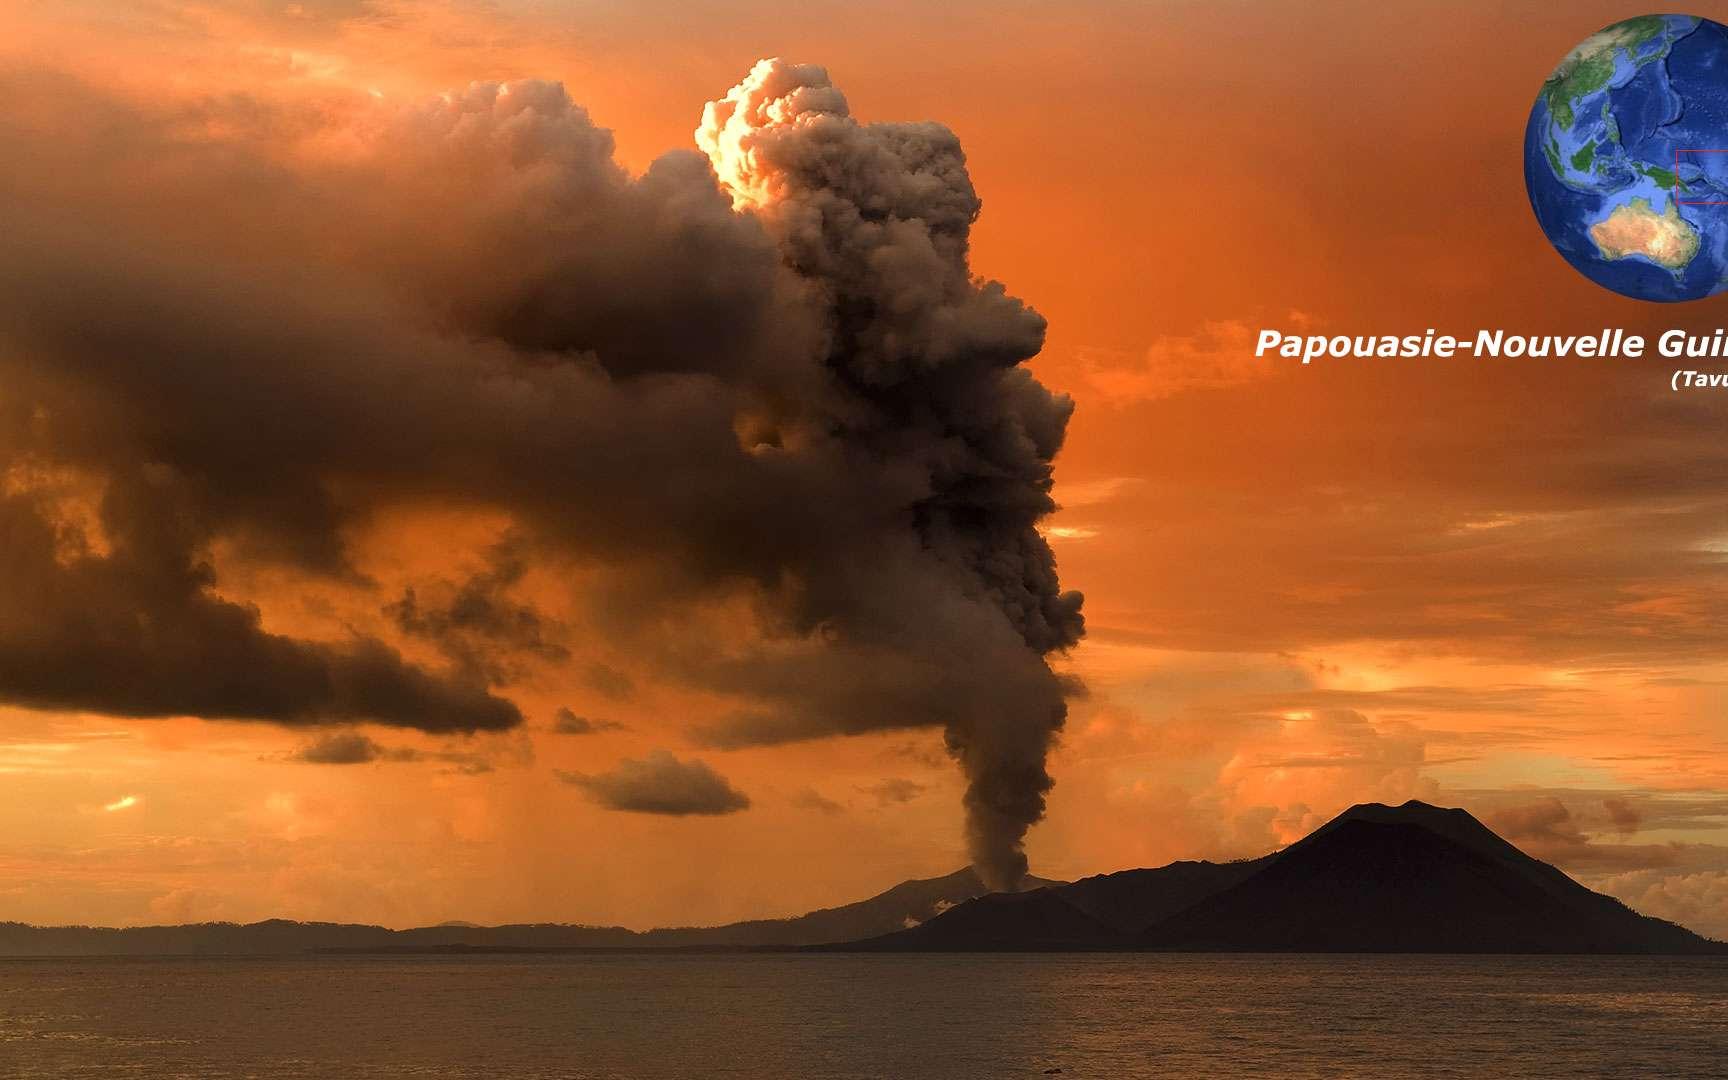 Le Mont Tavurvur, en Papouasie-Nouvelle-Guinée. Le Mont Tavurvur est un volcan situé dans la baie de Rabaul, en Papouasie-Nouvelle-Guinée. Récemment, il est entré en éruption en 2014. Cette éruption a projeté de nombreuses cendres dans les environs. Les éruptions précédentes dataient de 1937, 1941, 1943 et 1994-1995. L'éruption de 1994-1995 a conduit à l'évacuation et la destruction de la ville de Rabaul, qui a perdu son statut de capitale depuis cette date. © Taro Taylor, CC by 2.0